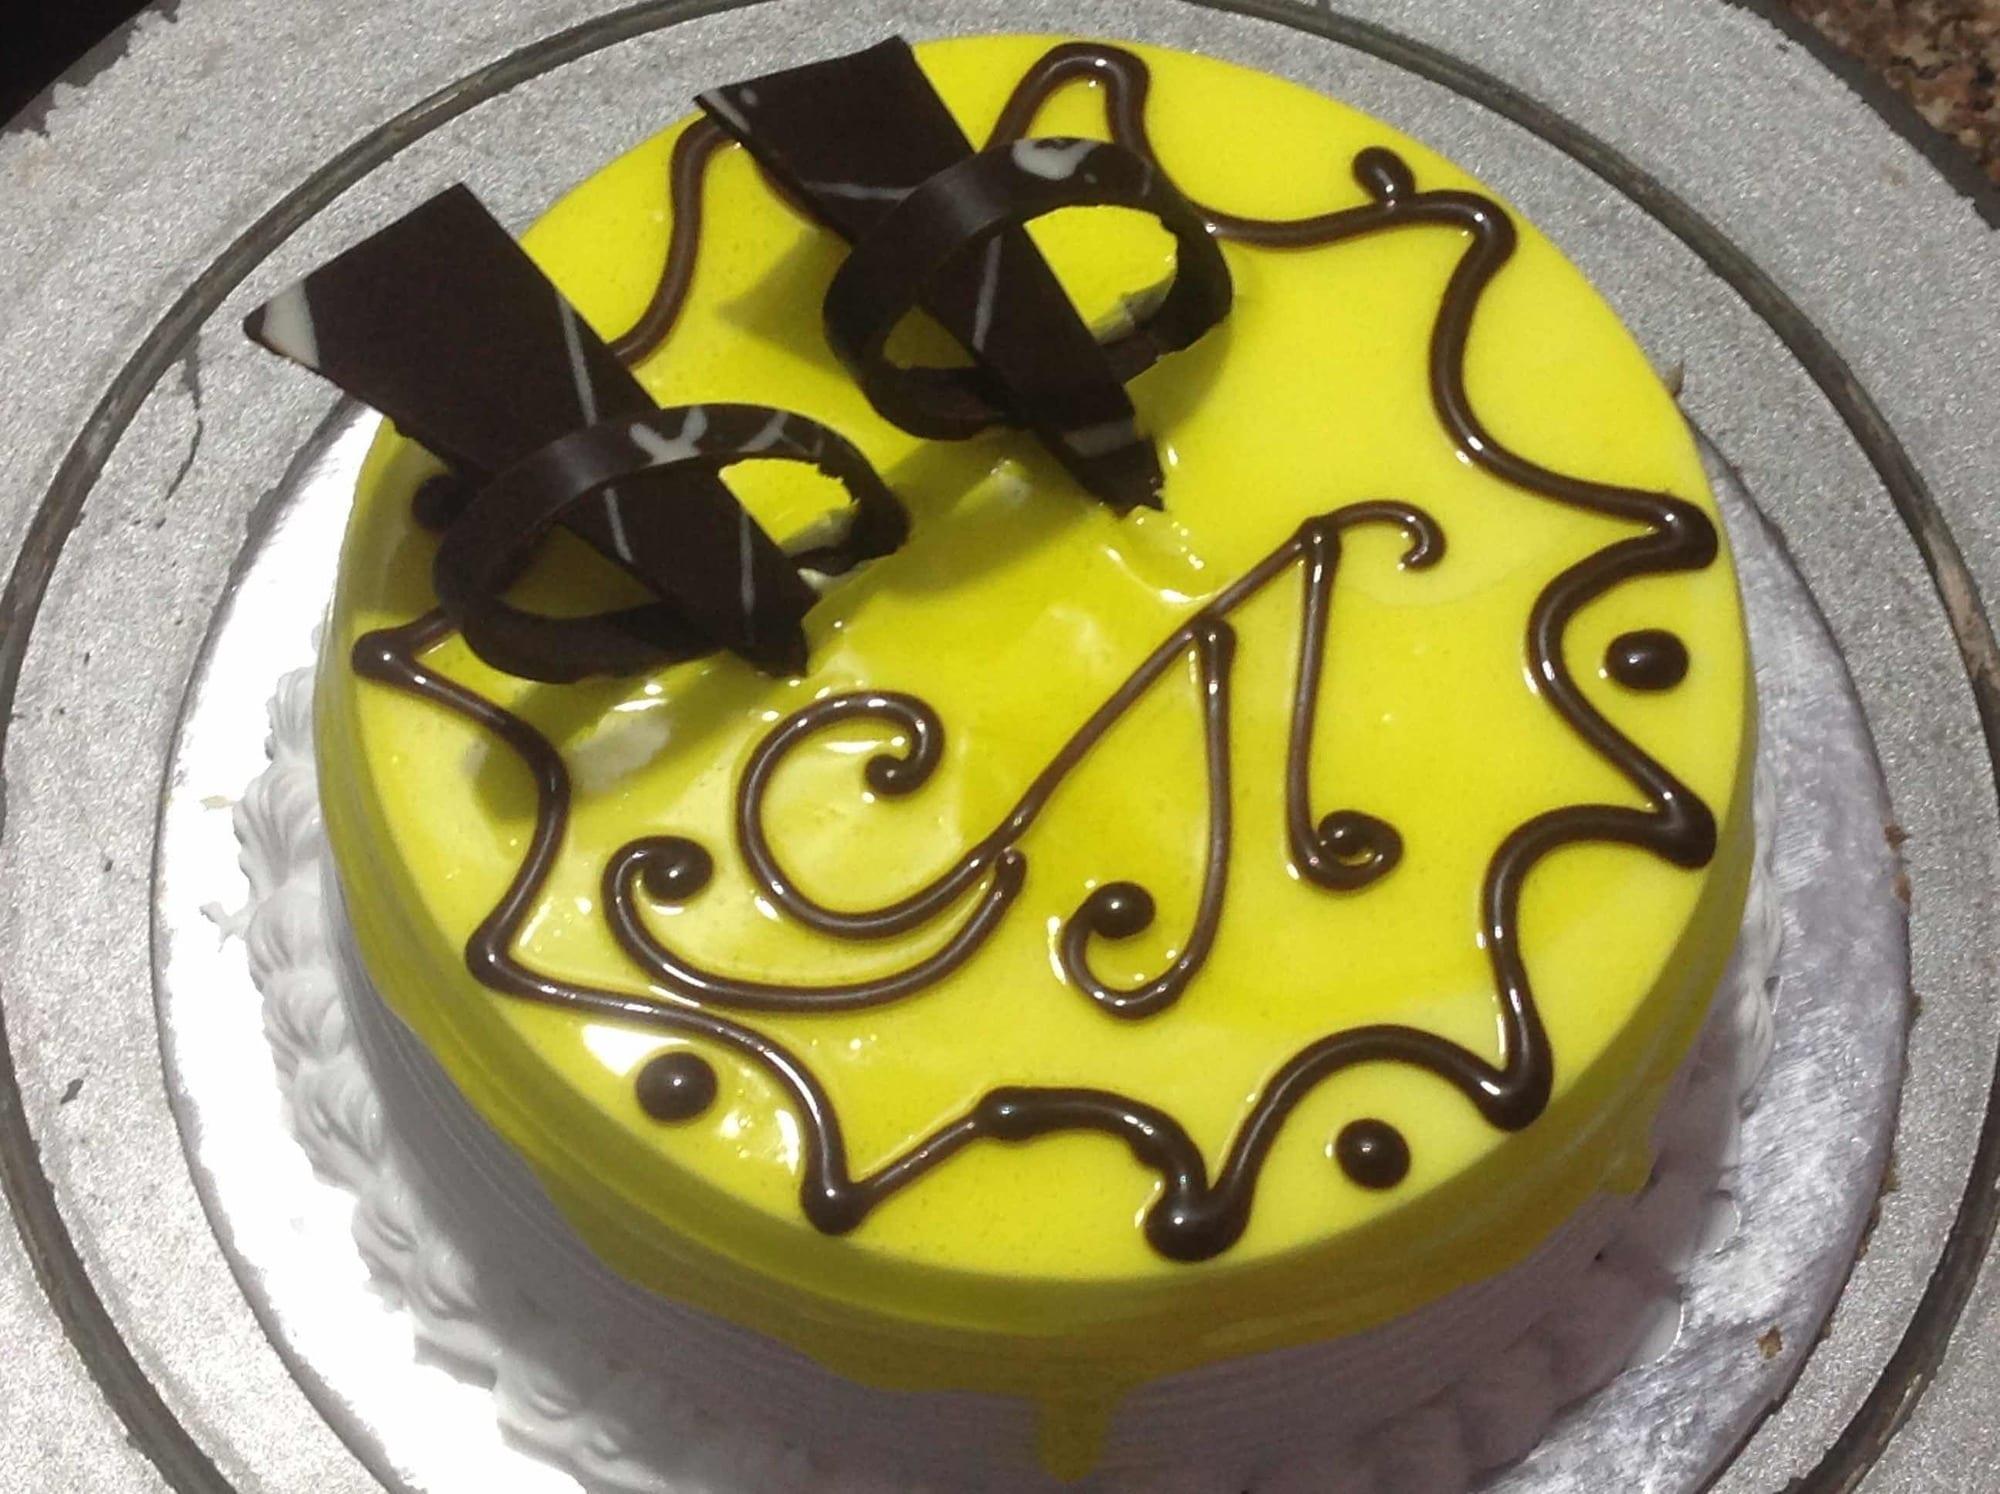 Cake Delivery Services In Imt Manesar Delhi Order Cake Online